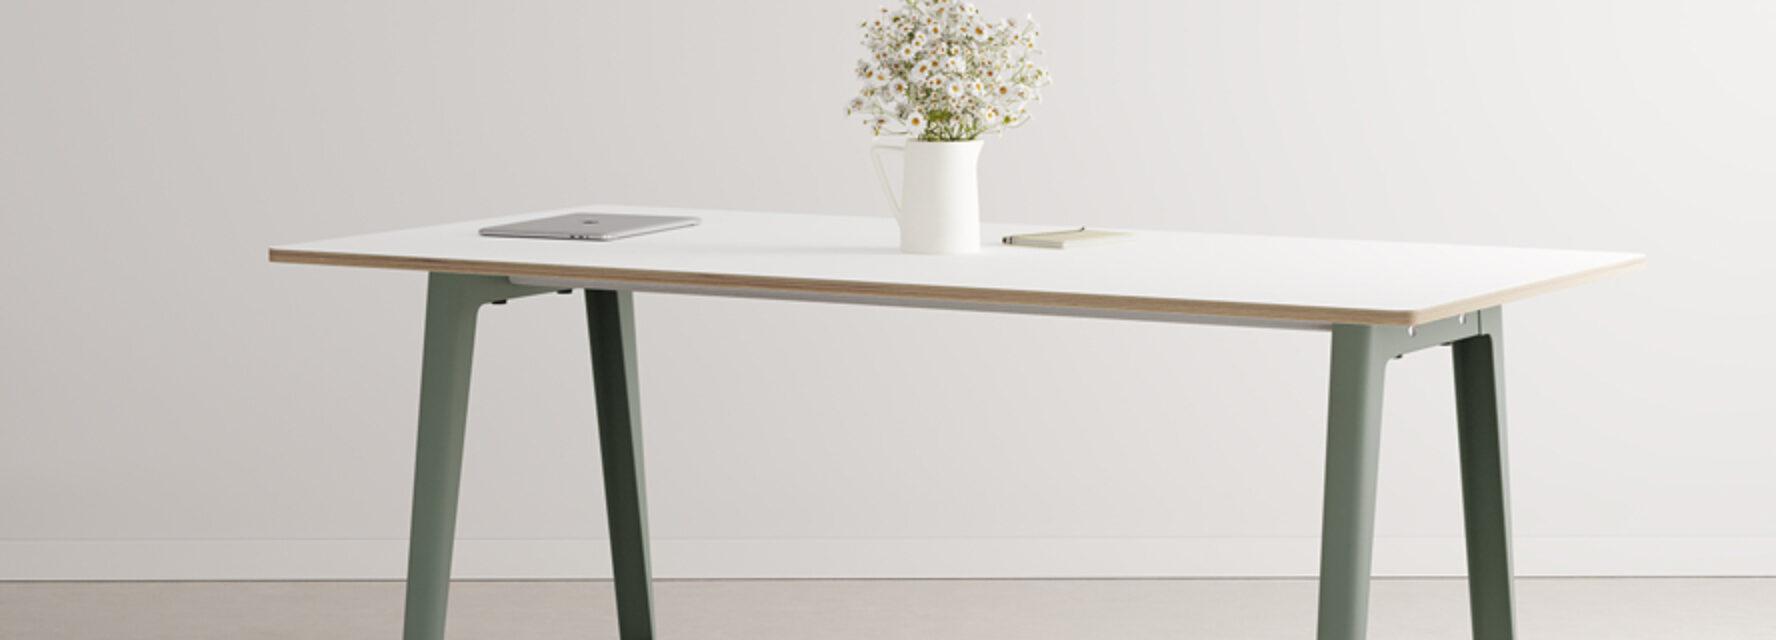 Meeting tables - TIPTOE